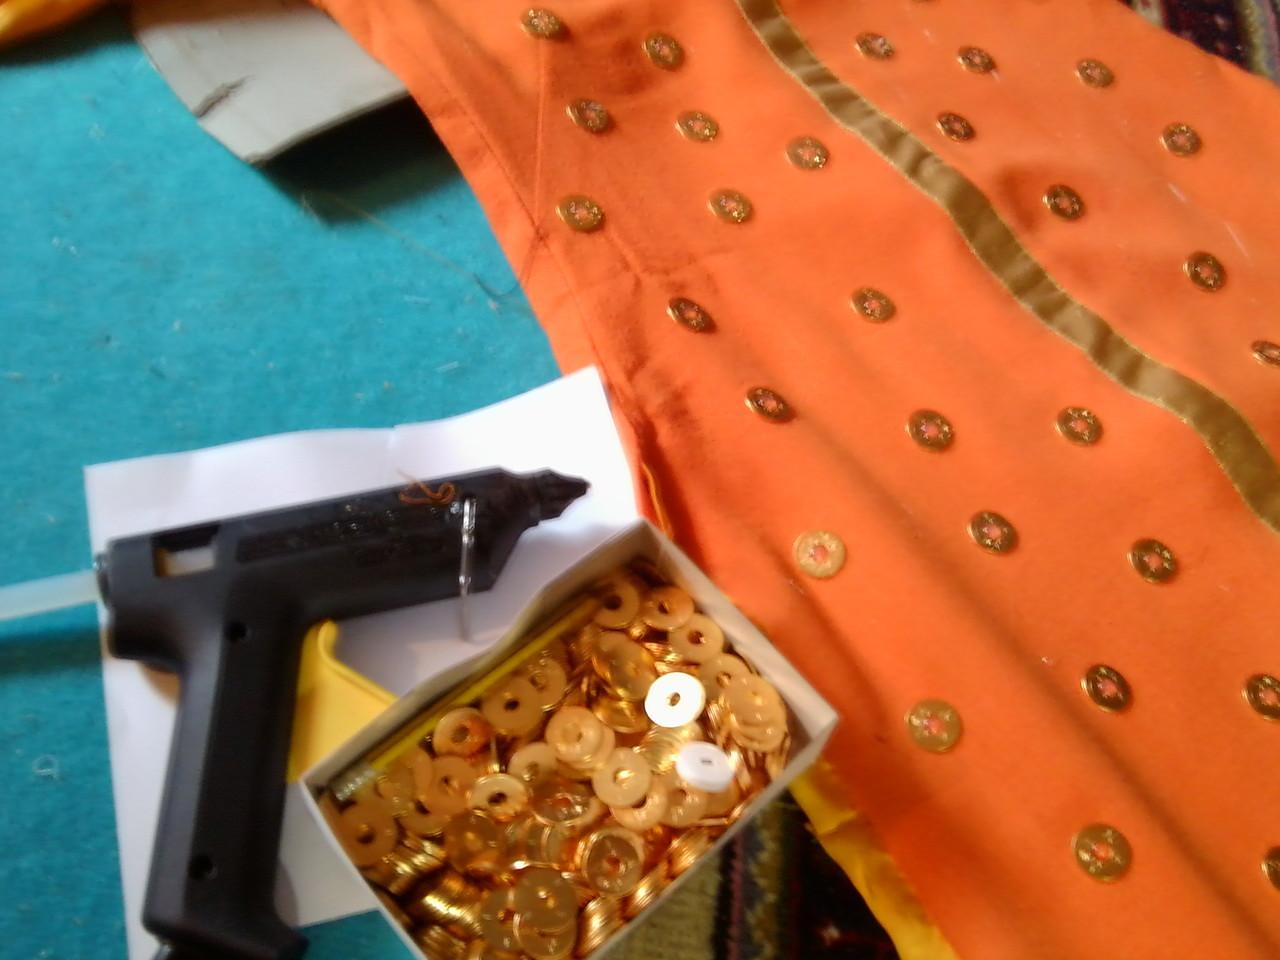 Kostümbearbeitung mit der Klebepistole